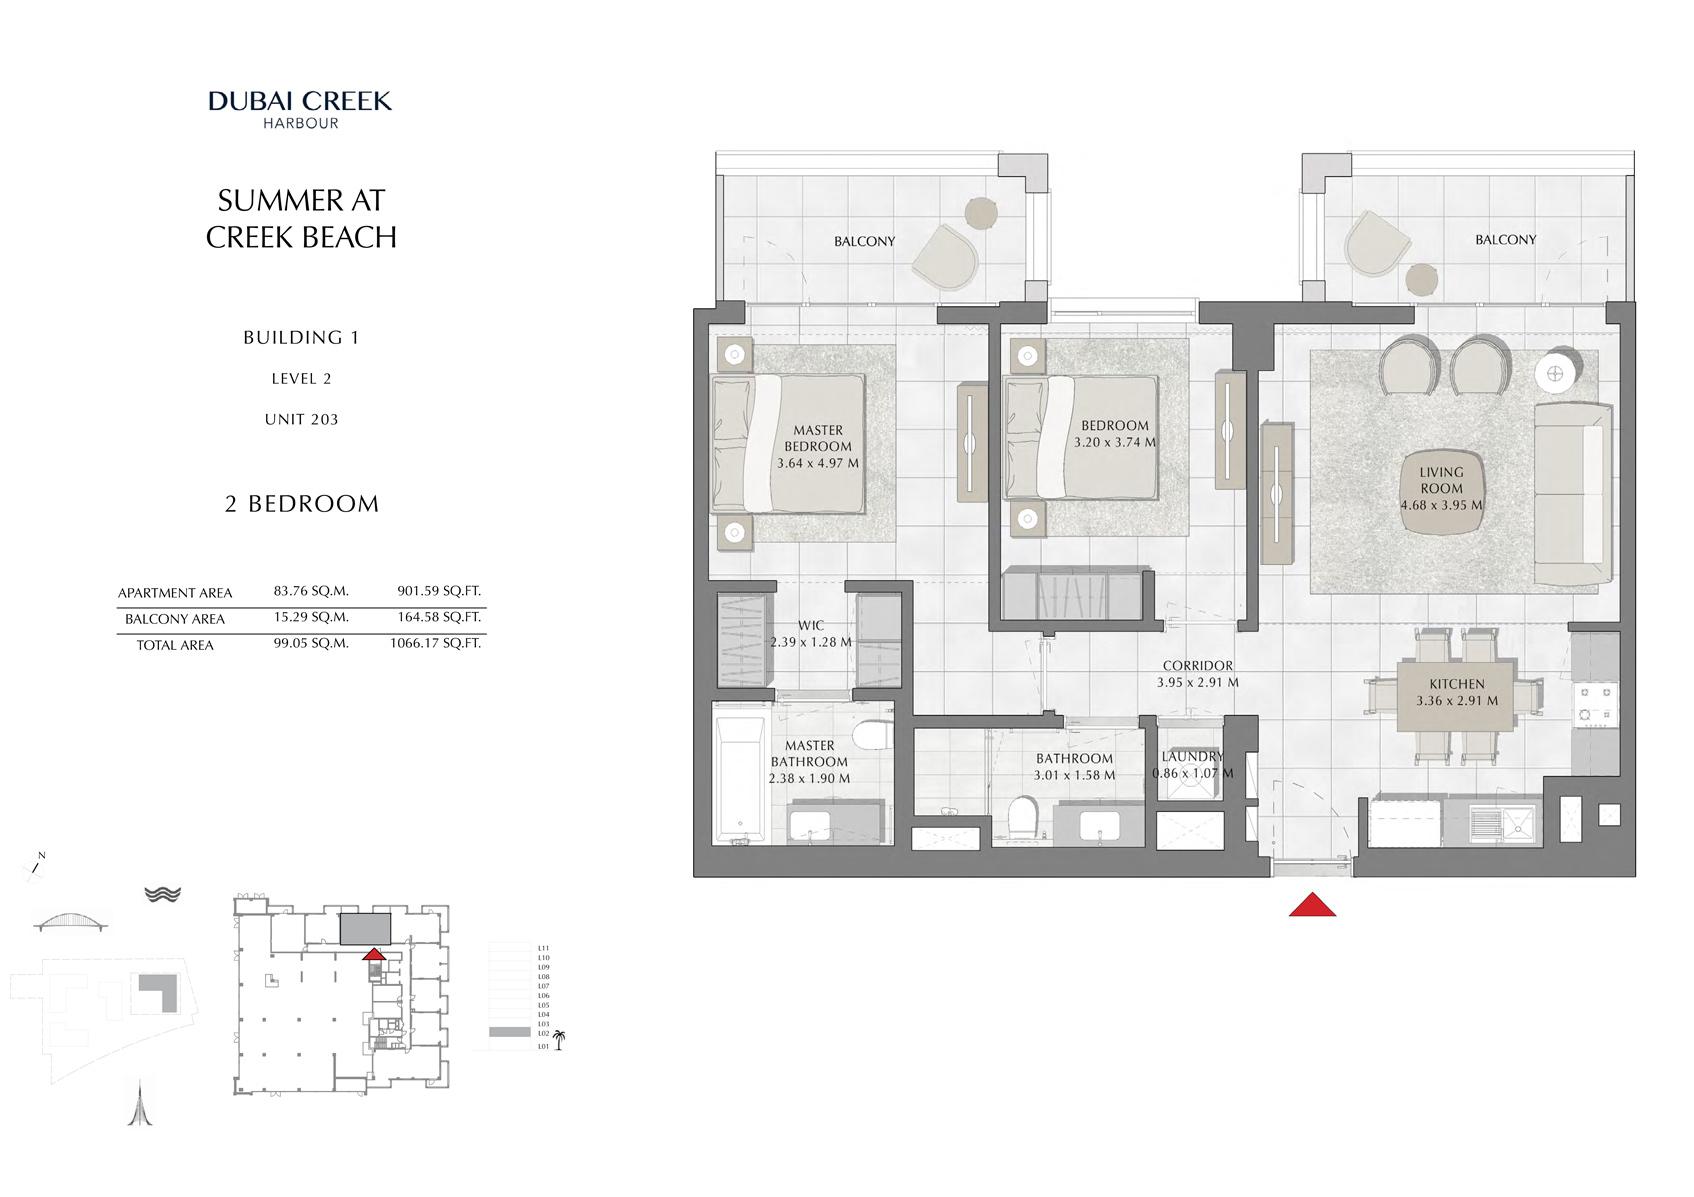 1 Br Building 1 Level 2 Unit 203, Size 1066 Sq Ft